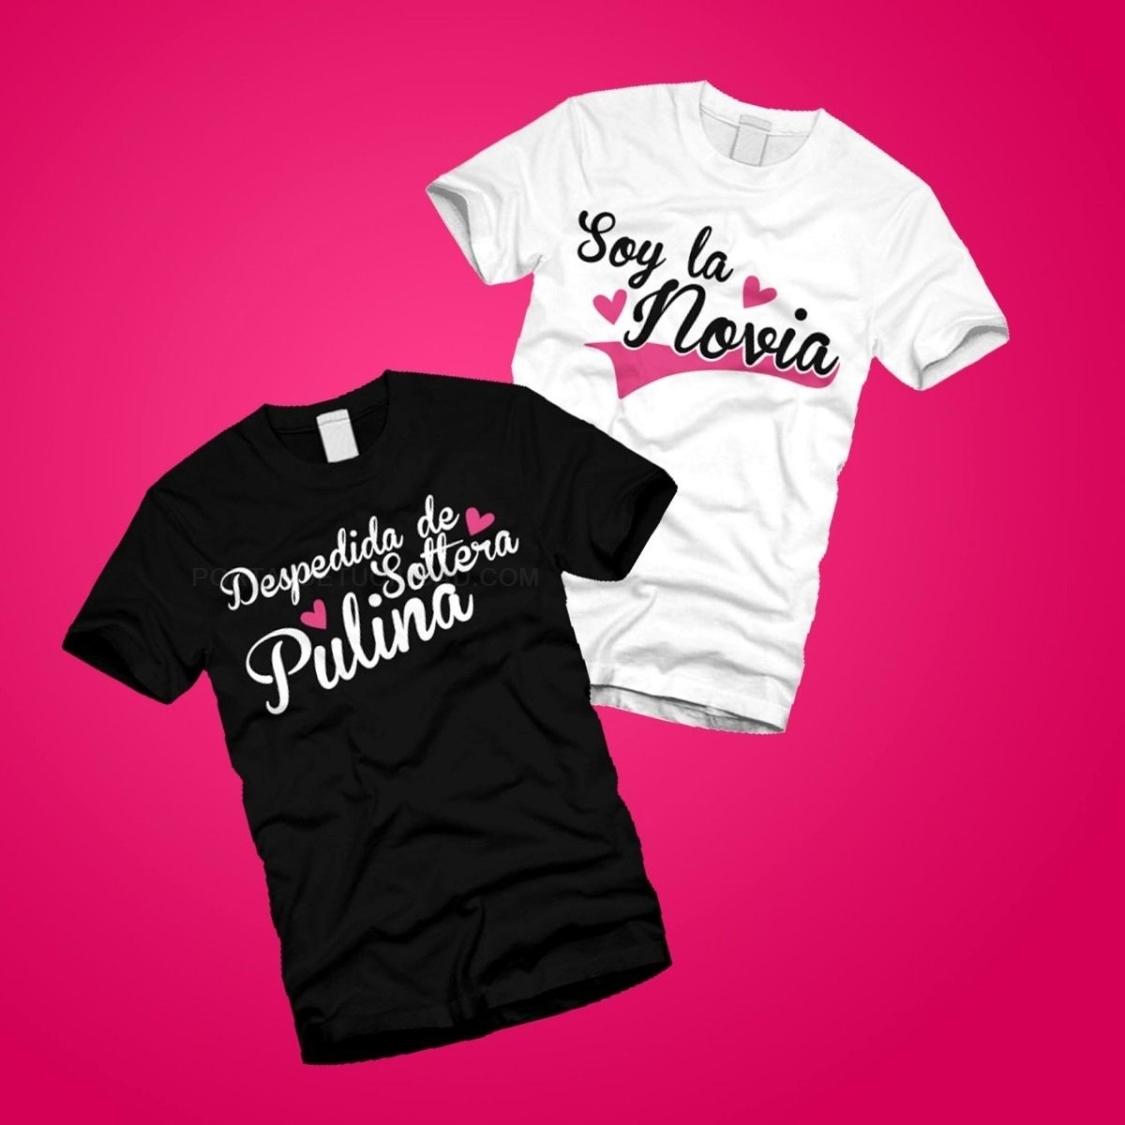 Camisetas para despedidas de solteros y solteras